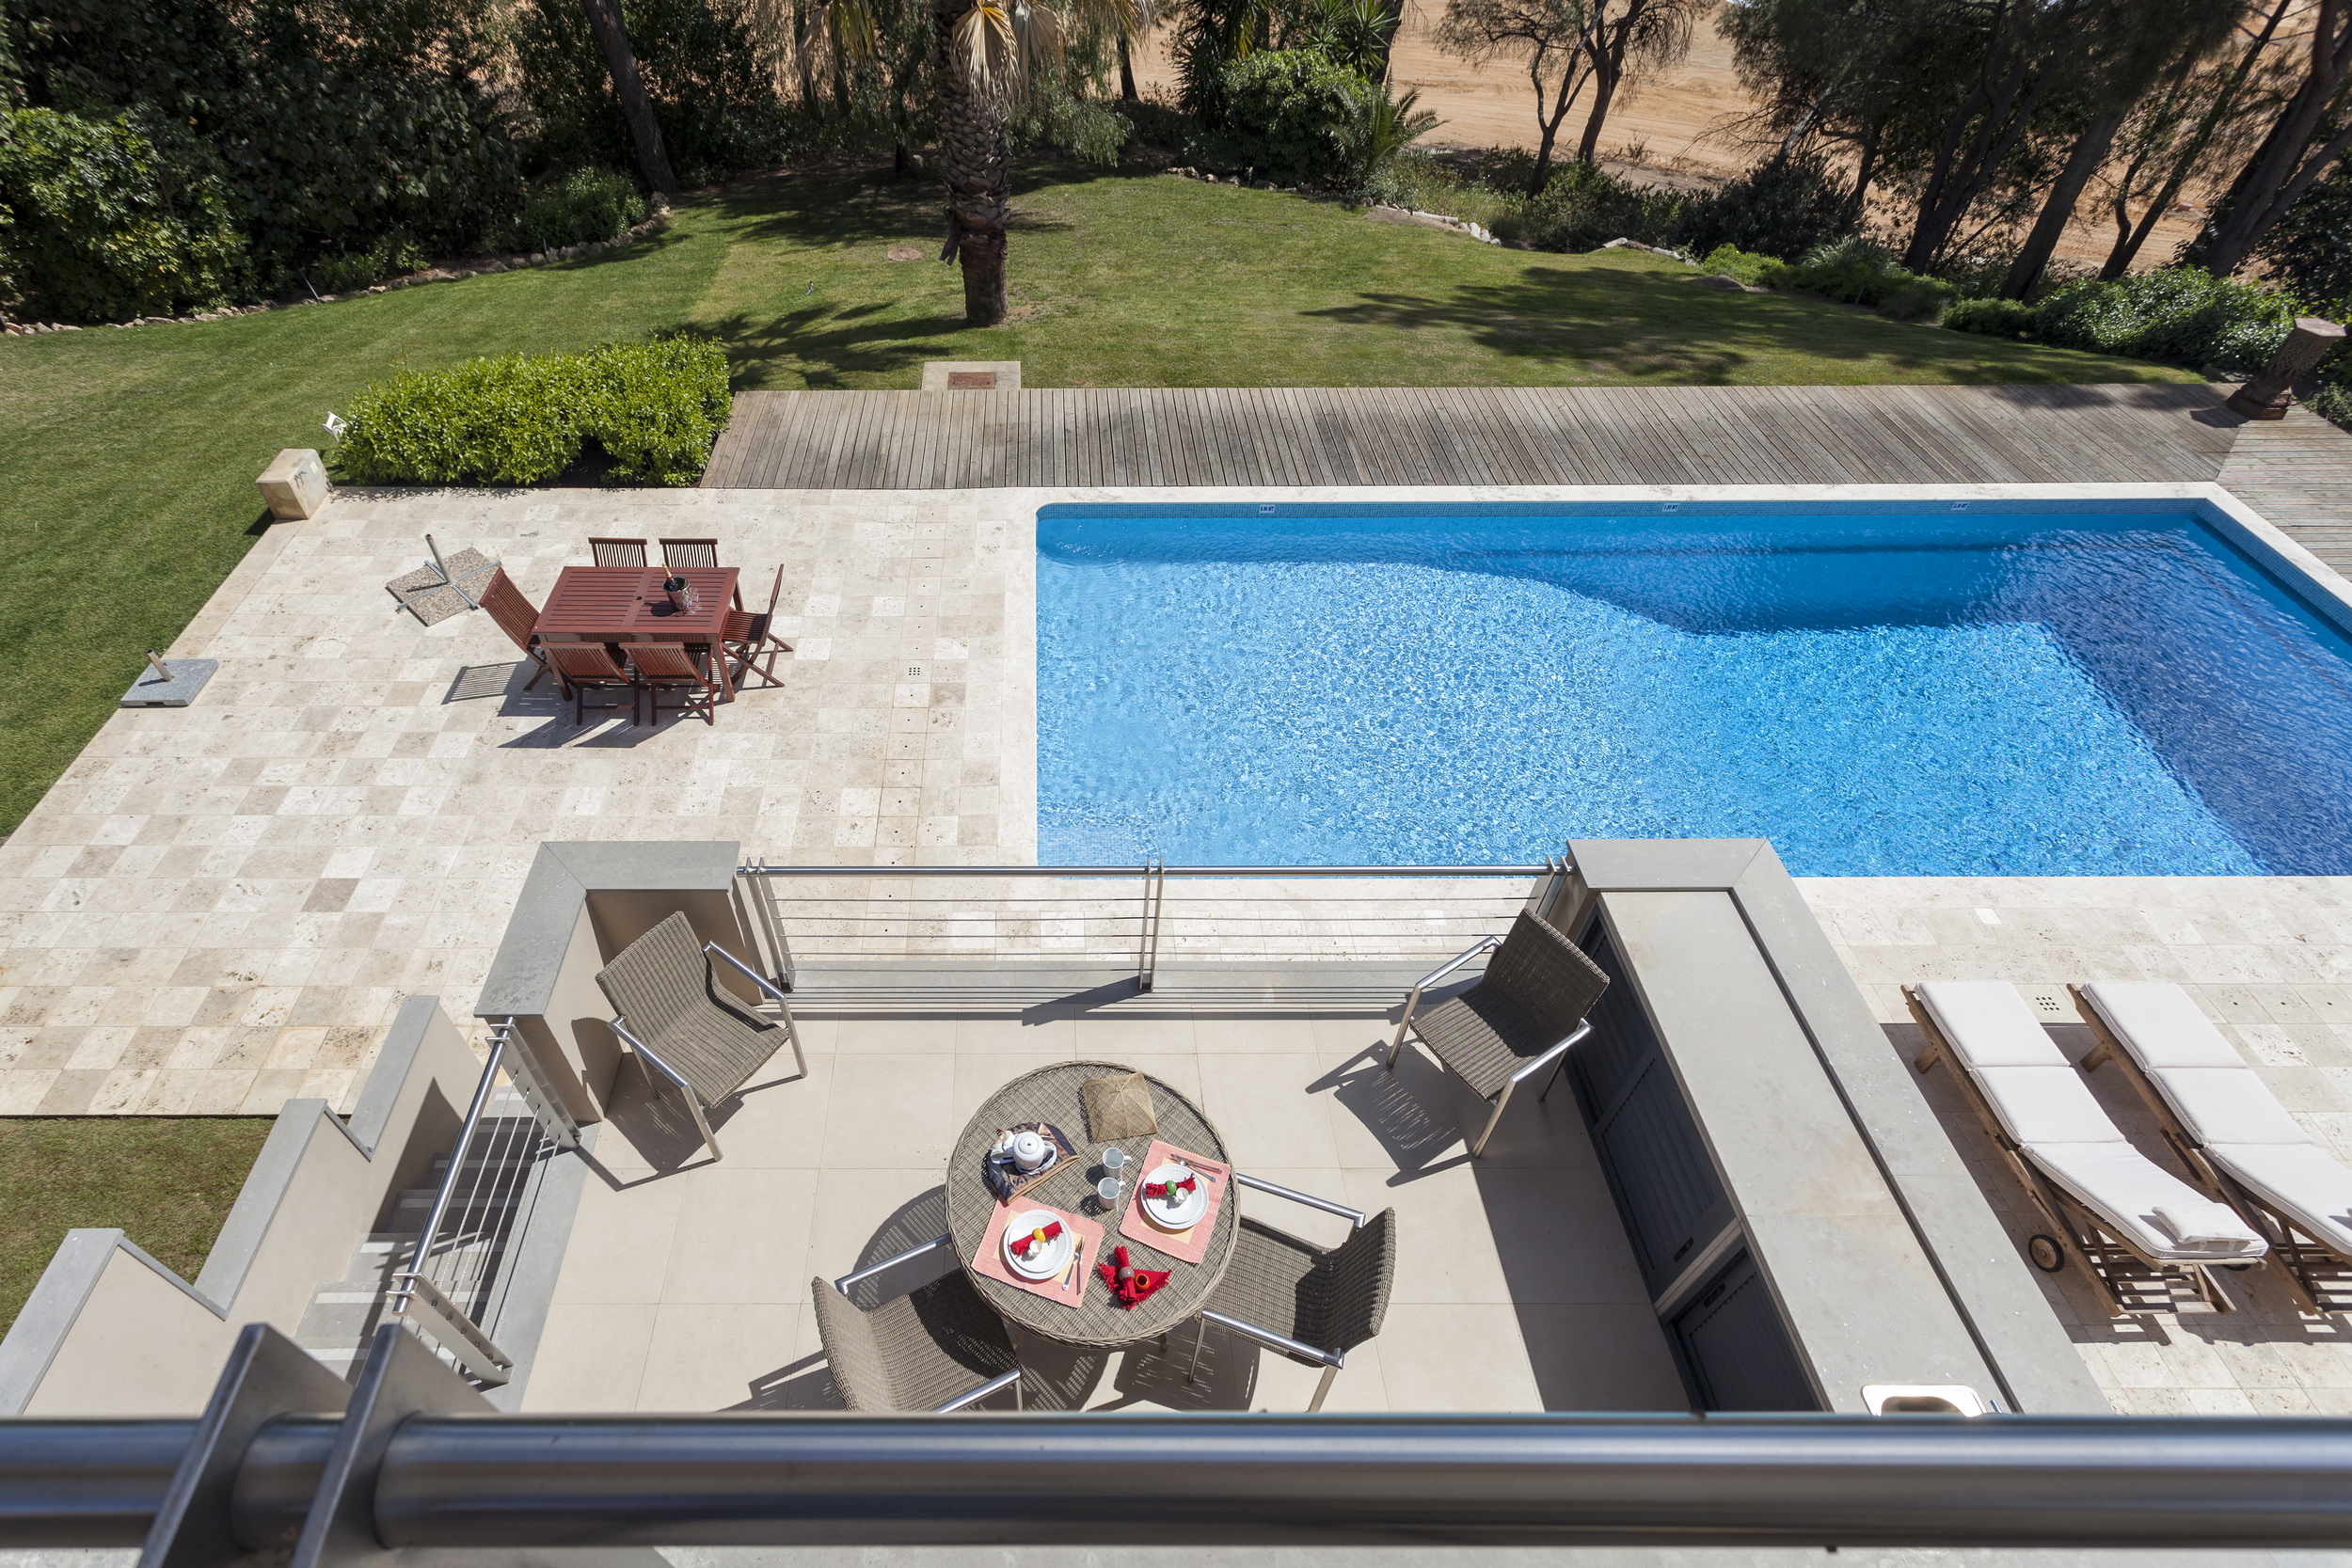 4 bedroom villa to rent in Quinta do Lago, RLV, Villa Serpentine,16.jpg